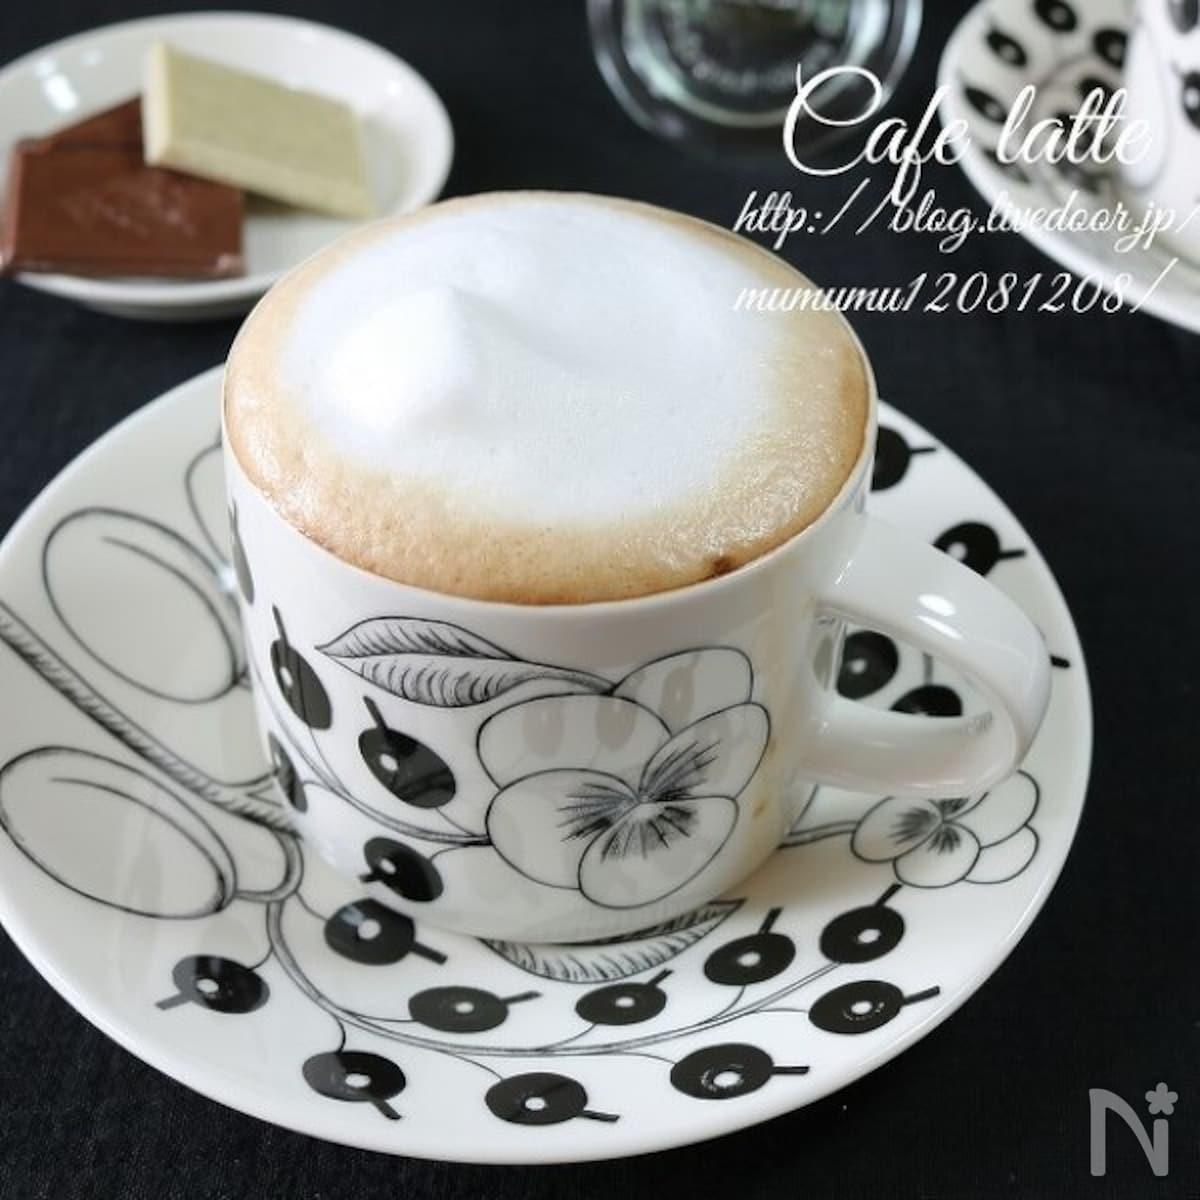 美味しい カフェ オレ の 作り方